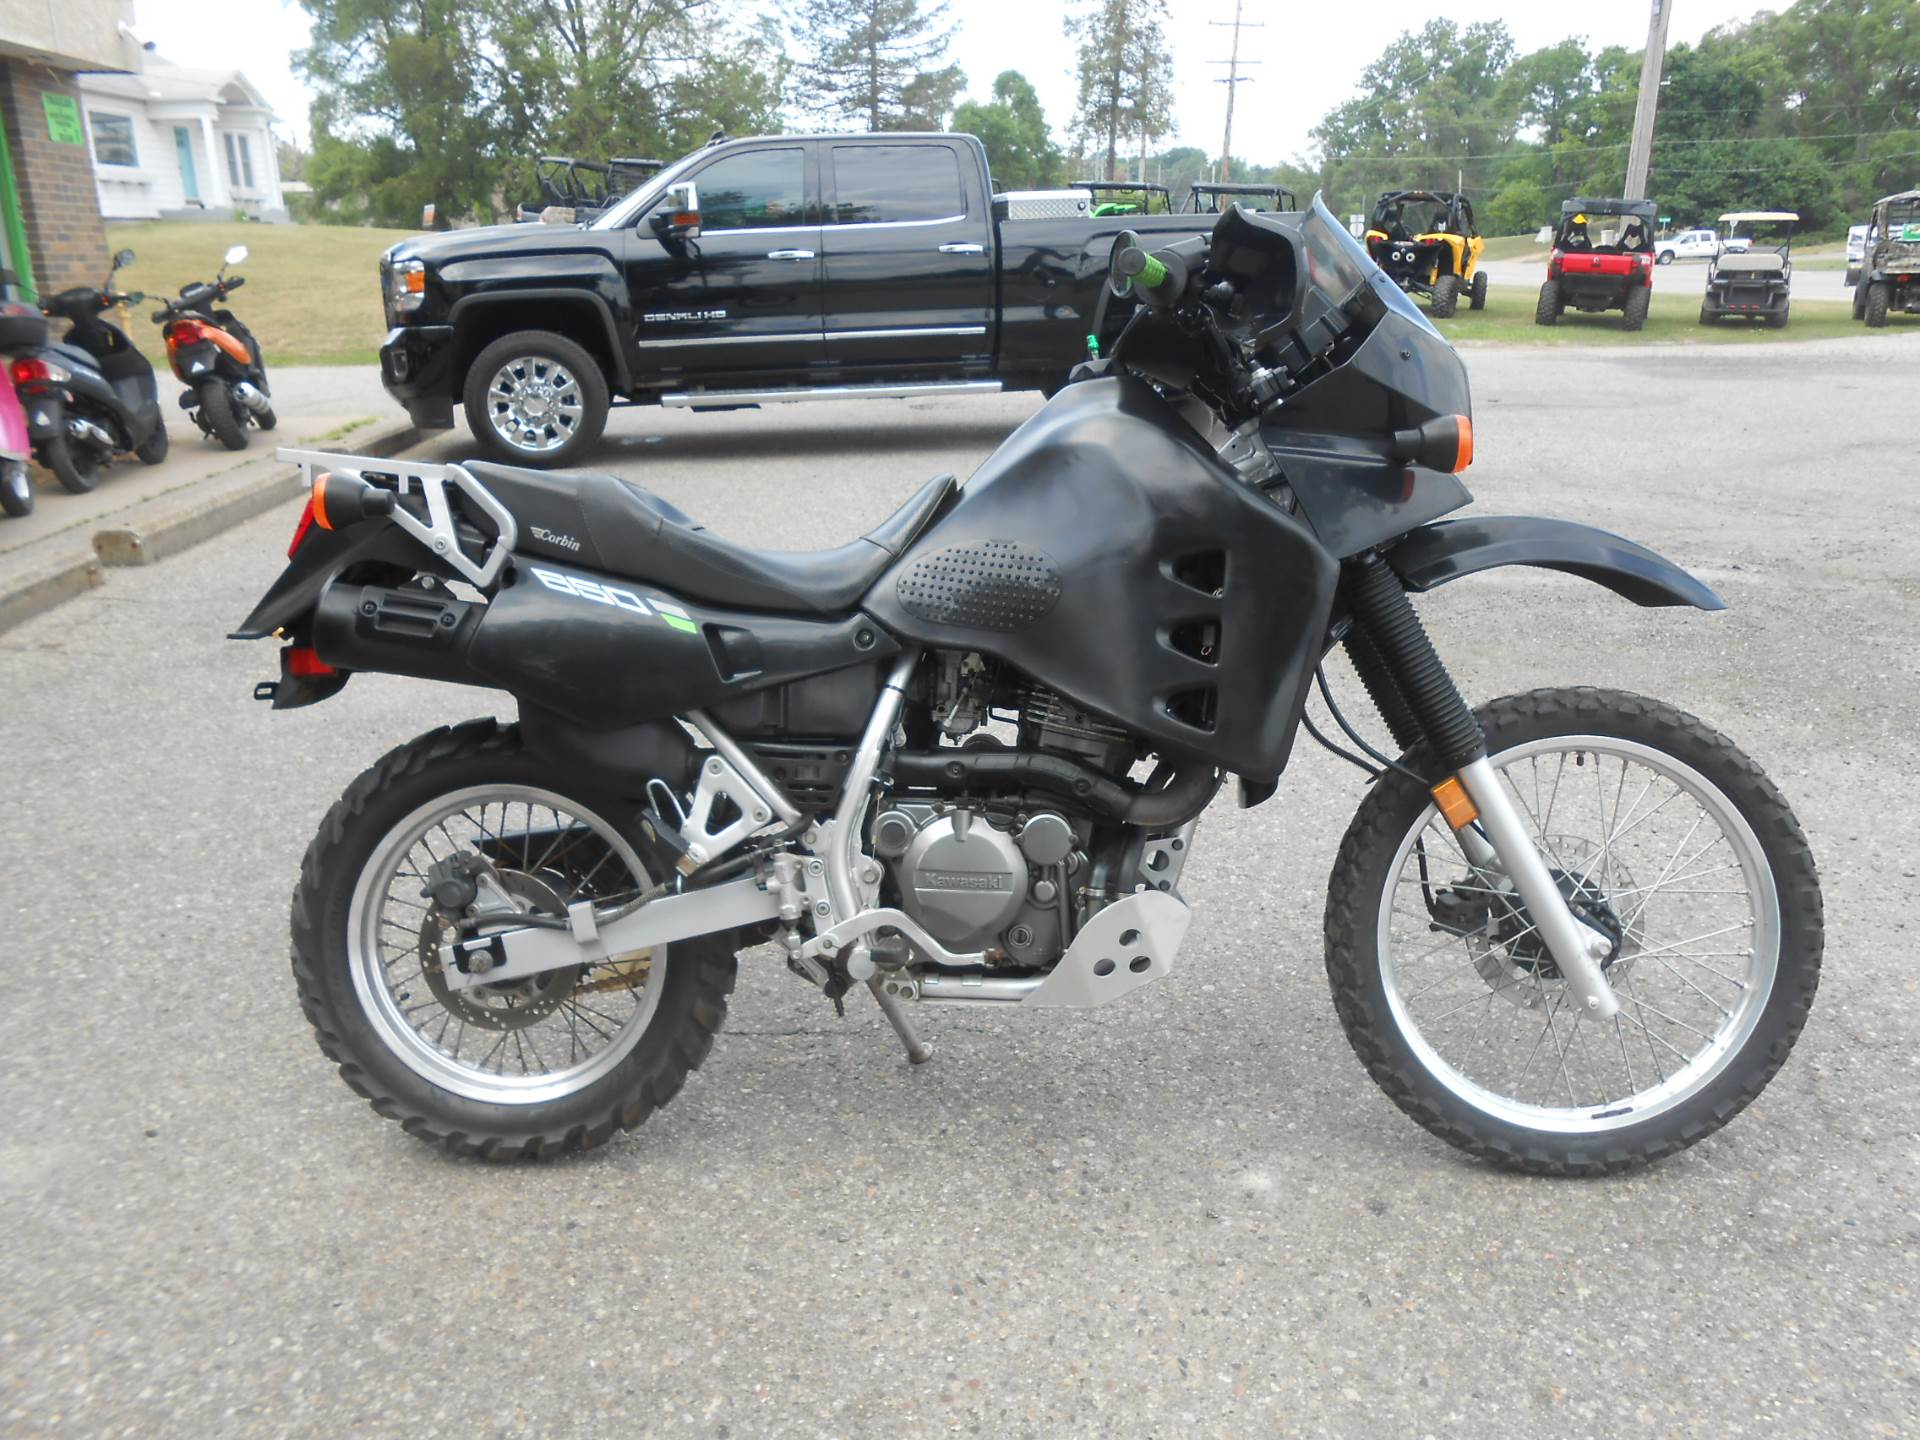 2007 Kawasaki KLR 650 5